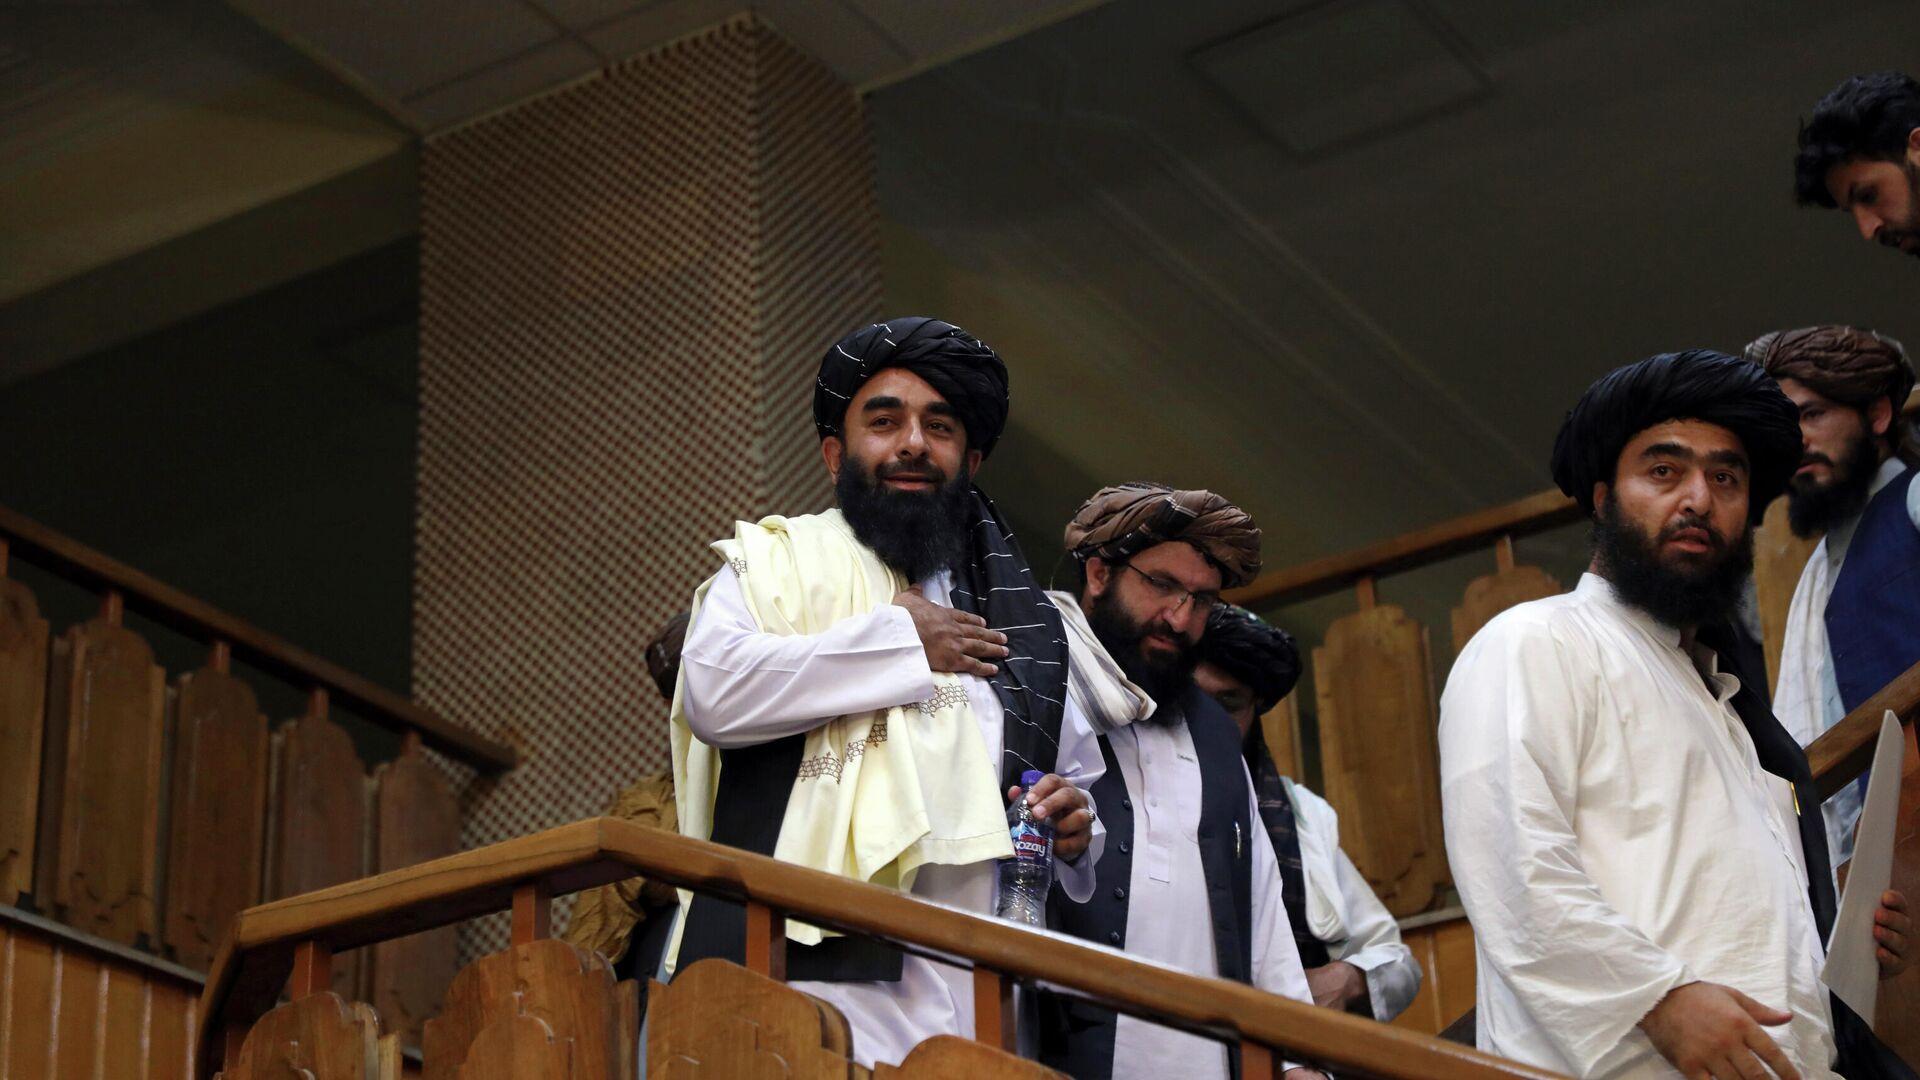 Представитель Талибана Забихулла Муджахид (слева) прибывает на свою первую пресс-конференцию в Информационный центр правительственных СМИ в Кабуле - Sputnik Таджикистан, 1920, 10.09.2021